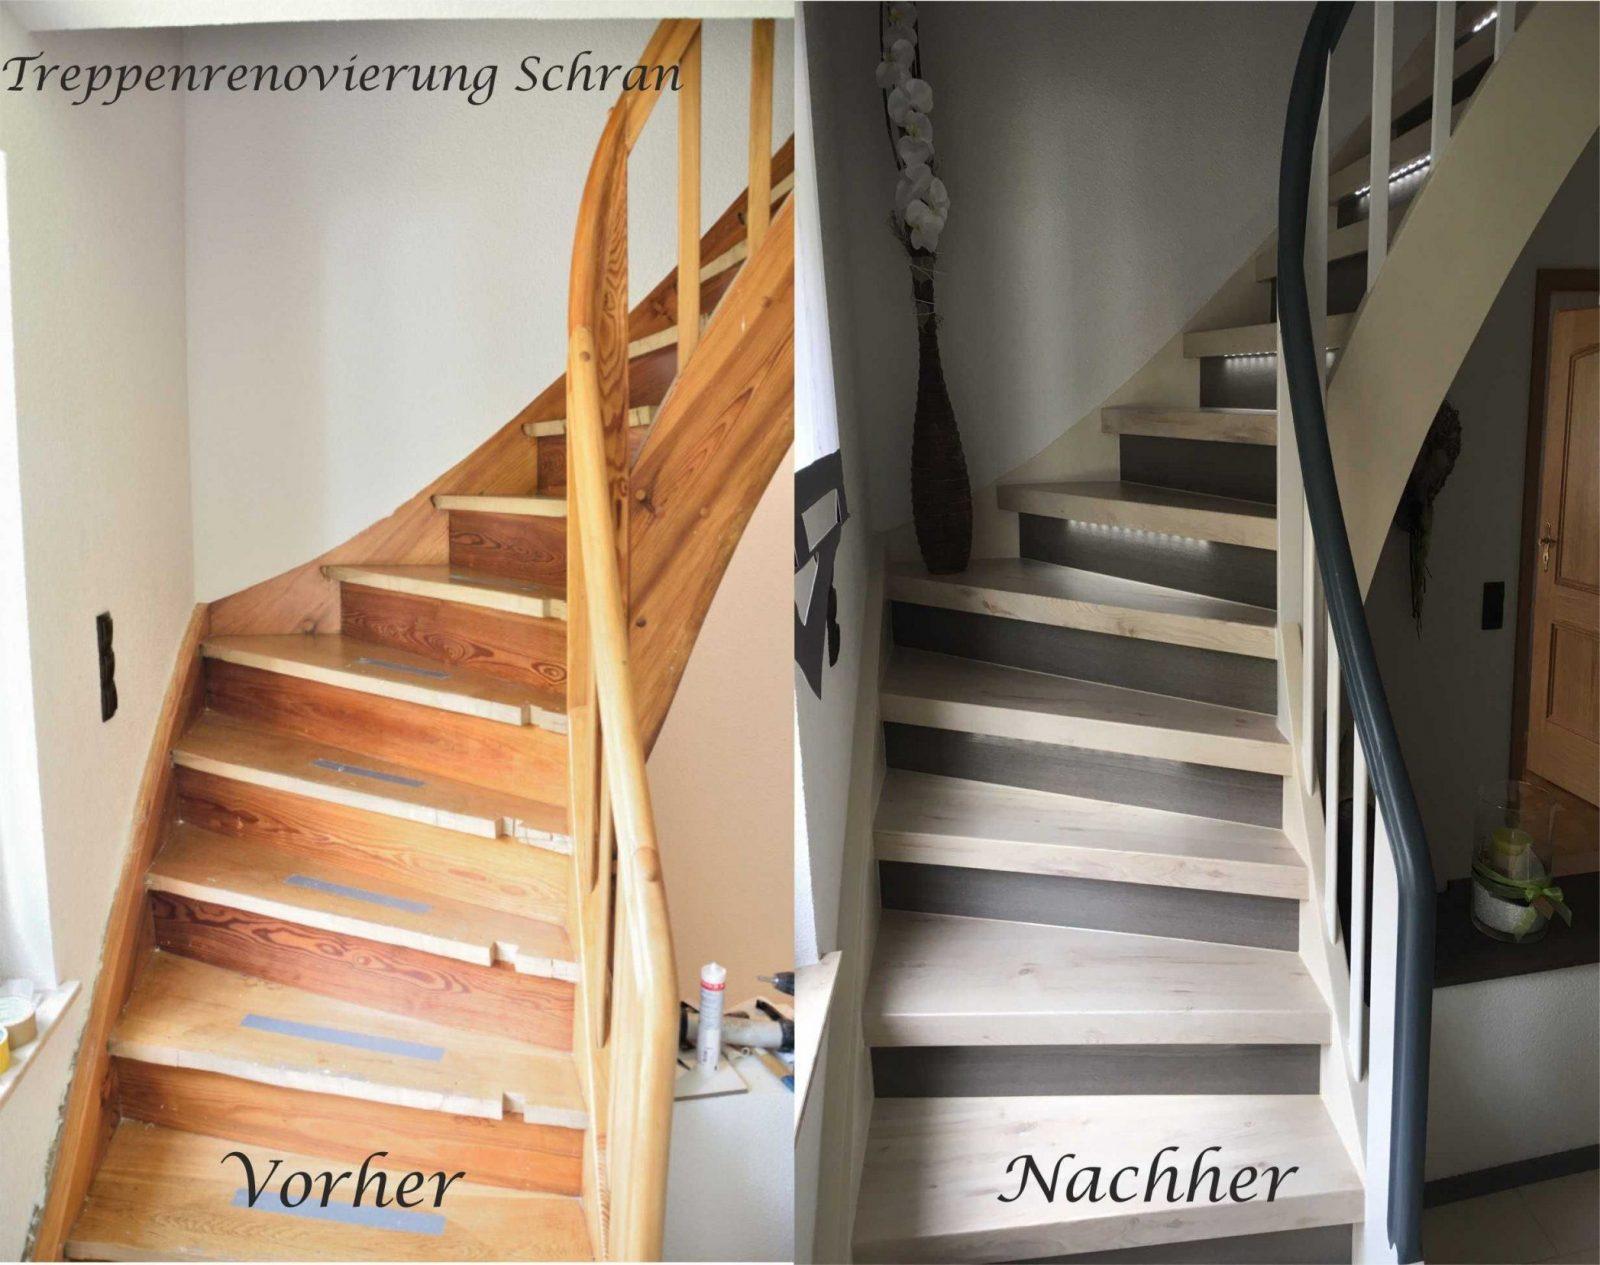 Wunderschöne Alte Treppen Neu Gestalten Bildergalerie von Alte Treppe Neu Gestalten Bild